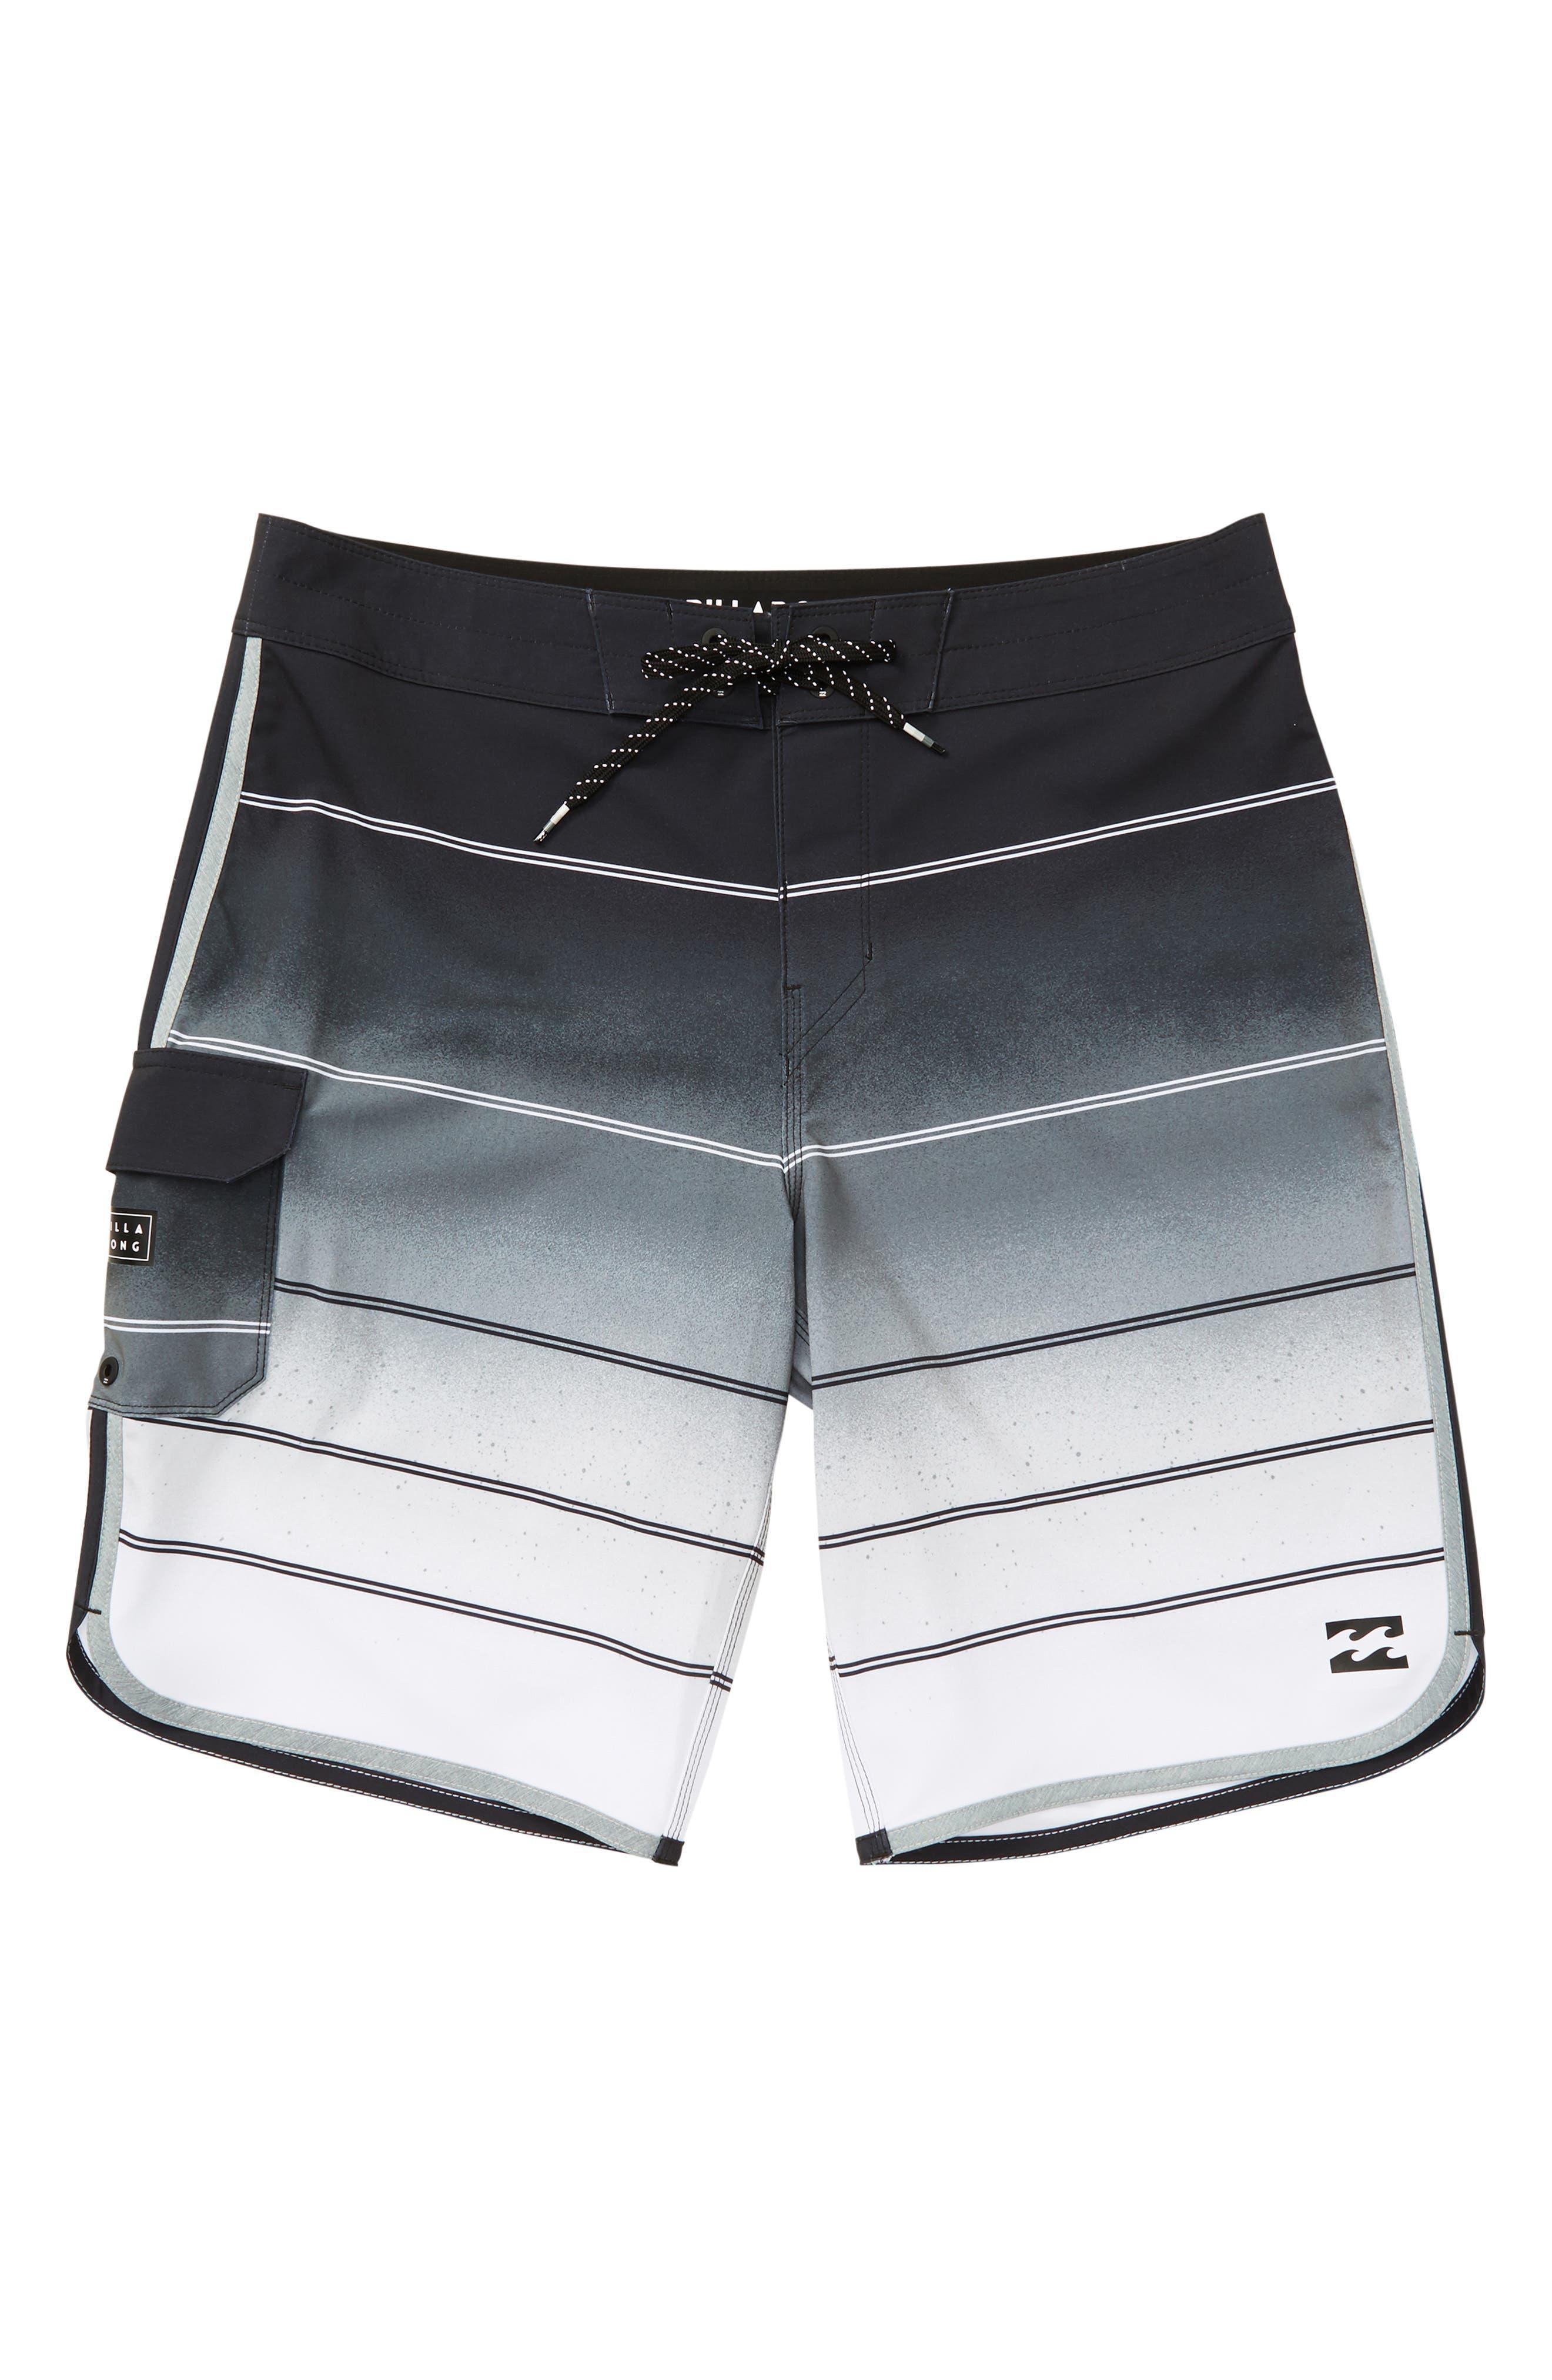 73 X Stripe Board Shorts,                         Main,                         color, 020